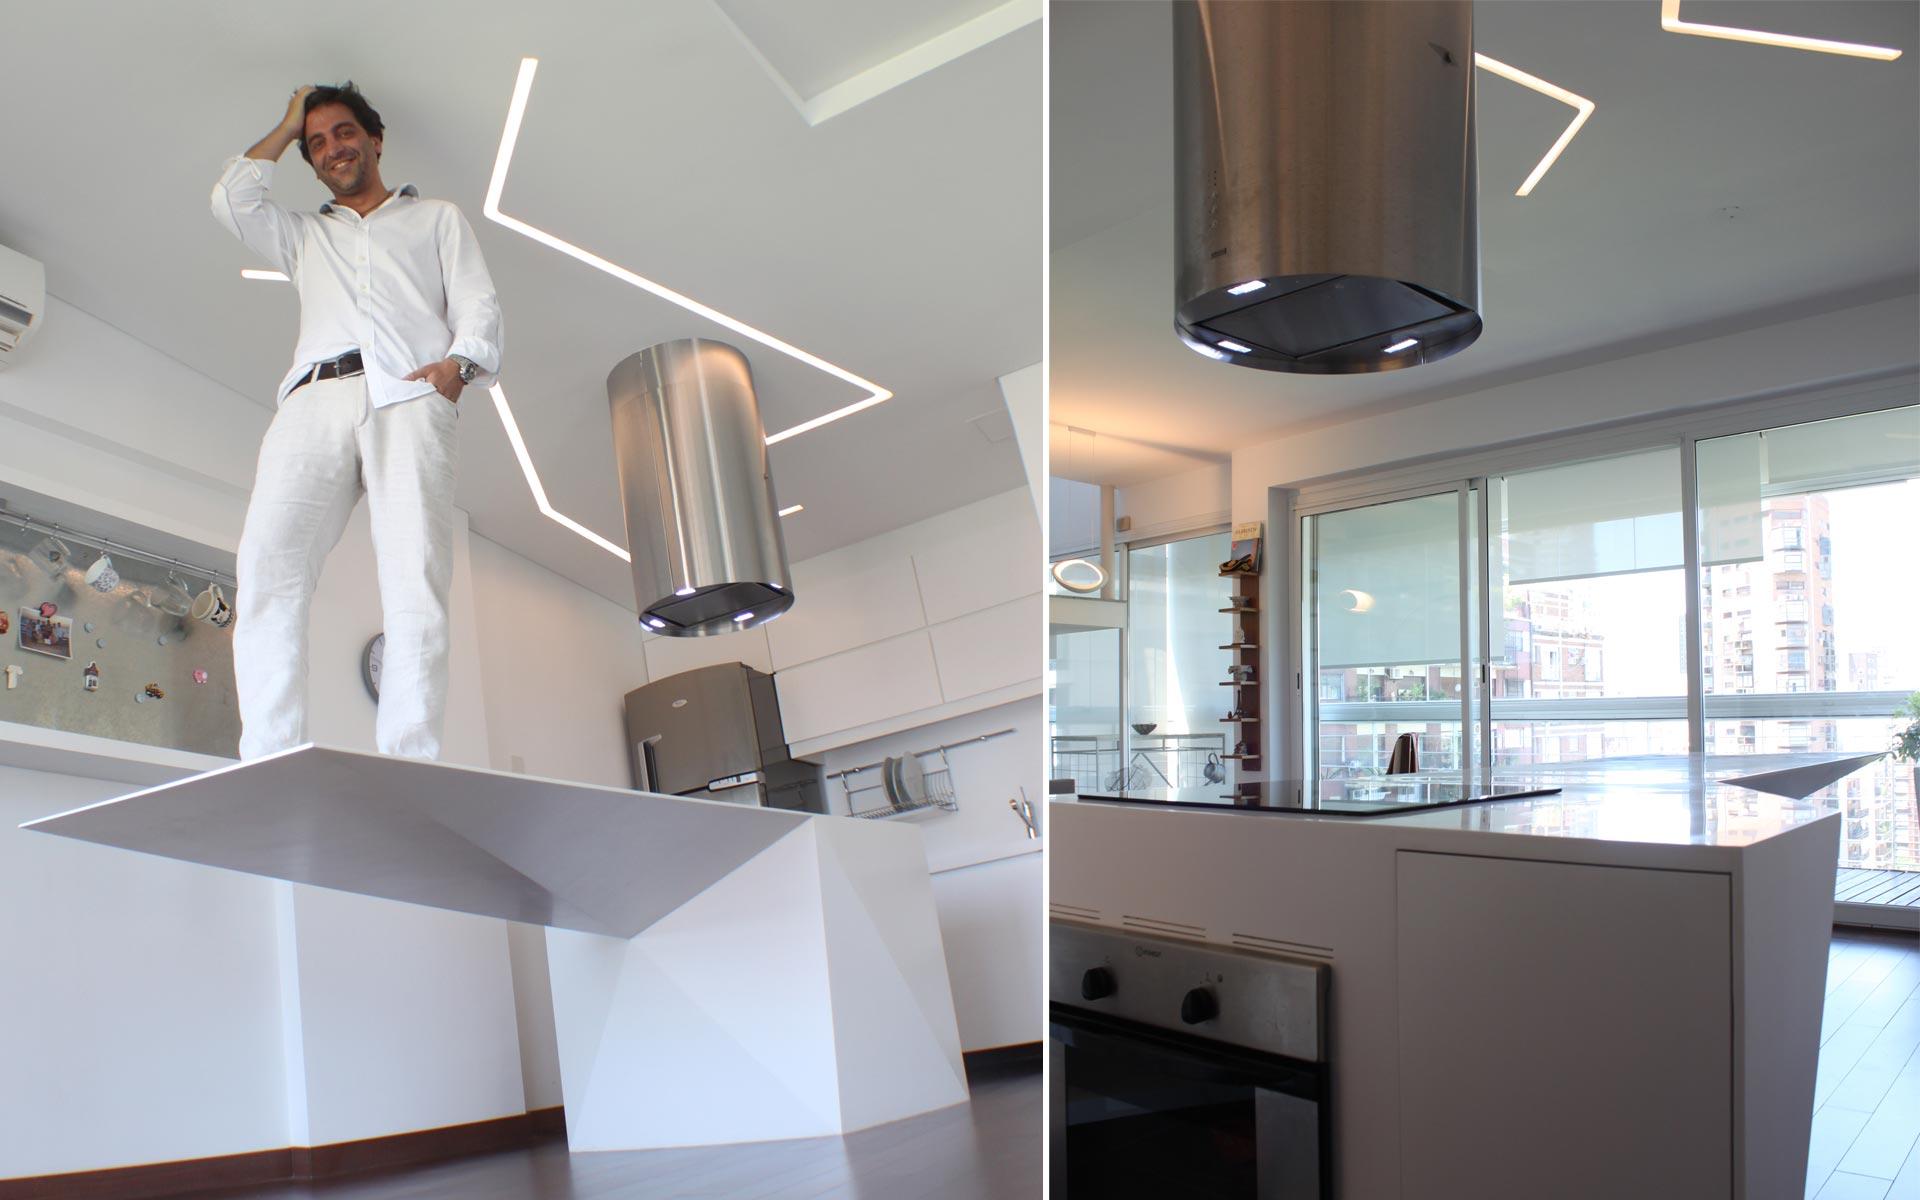 Reforma ph y departamento, deco. Arquitecto parado sobre mesada flotante en corian blanco y Detalles exclusivos cocina